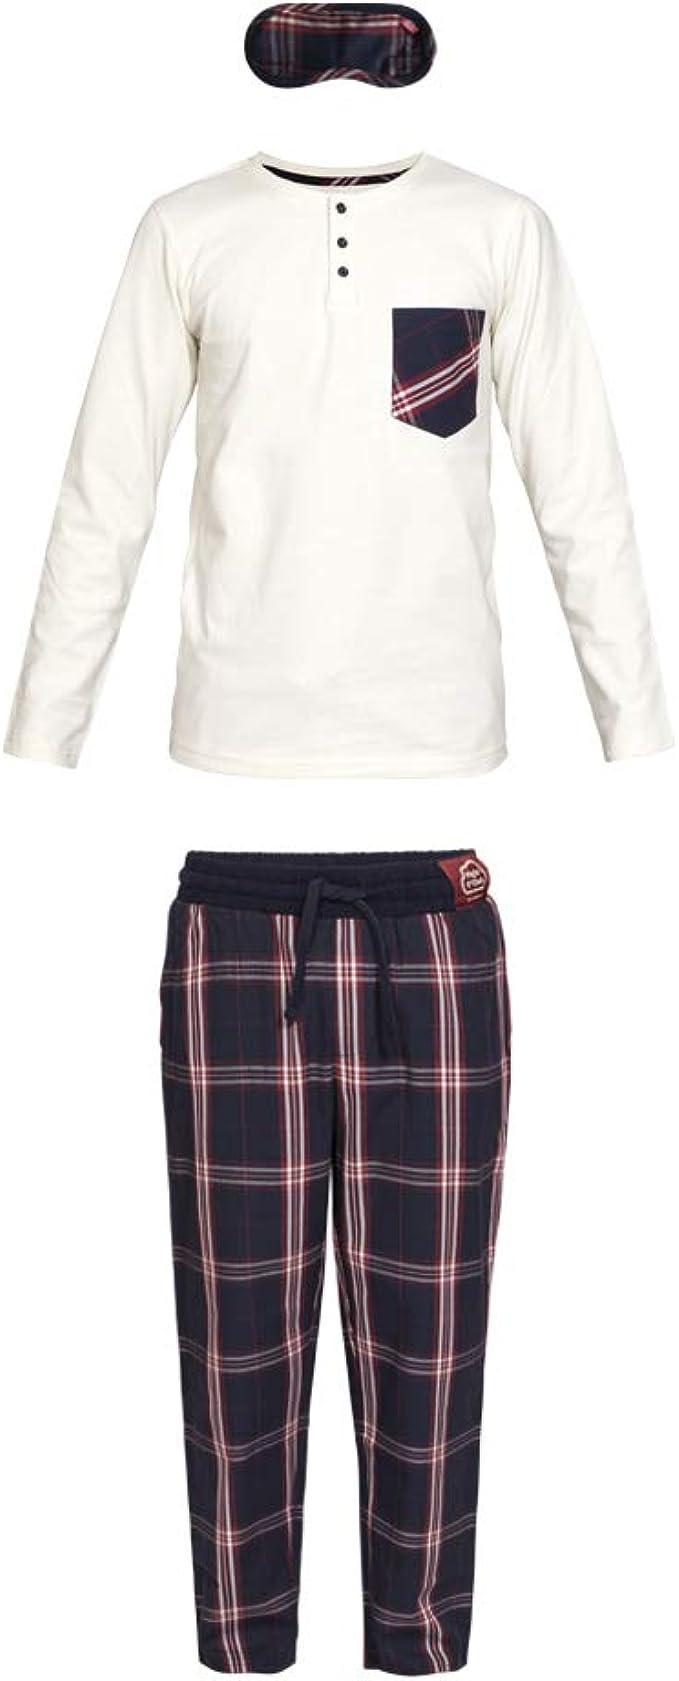 Nightoclock Bao Conjunto de Pijama para niño en algodón orgánico e Antifaz: Amazon.es: Ropa y accesorios